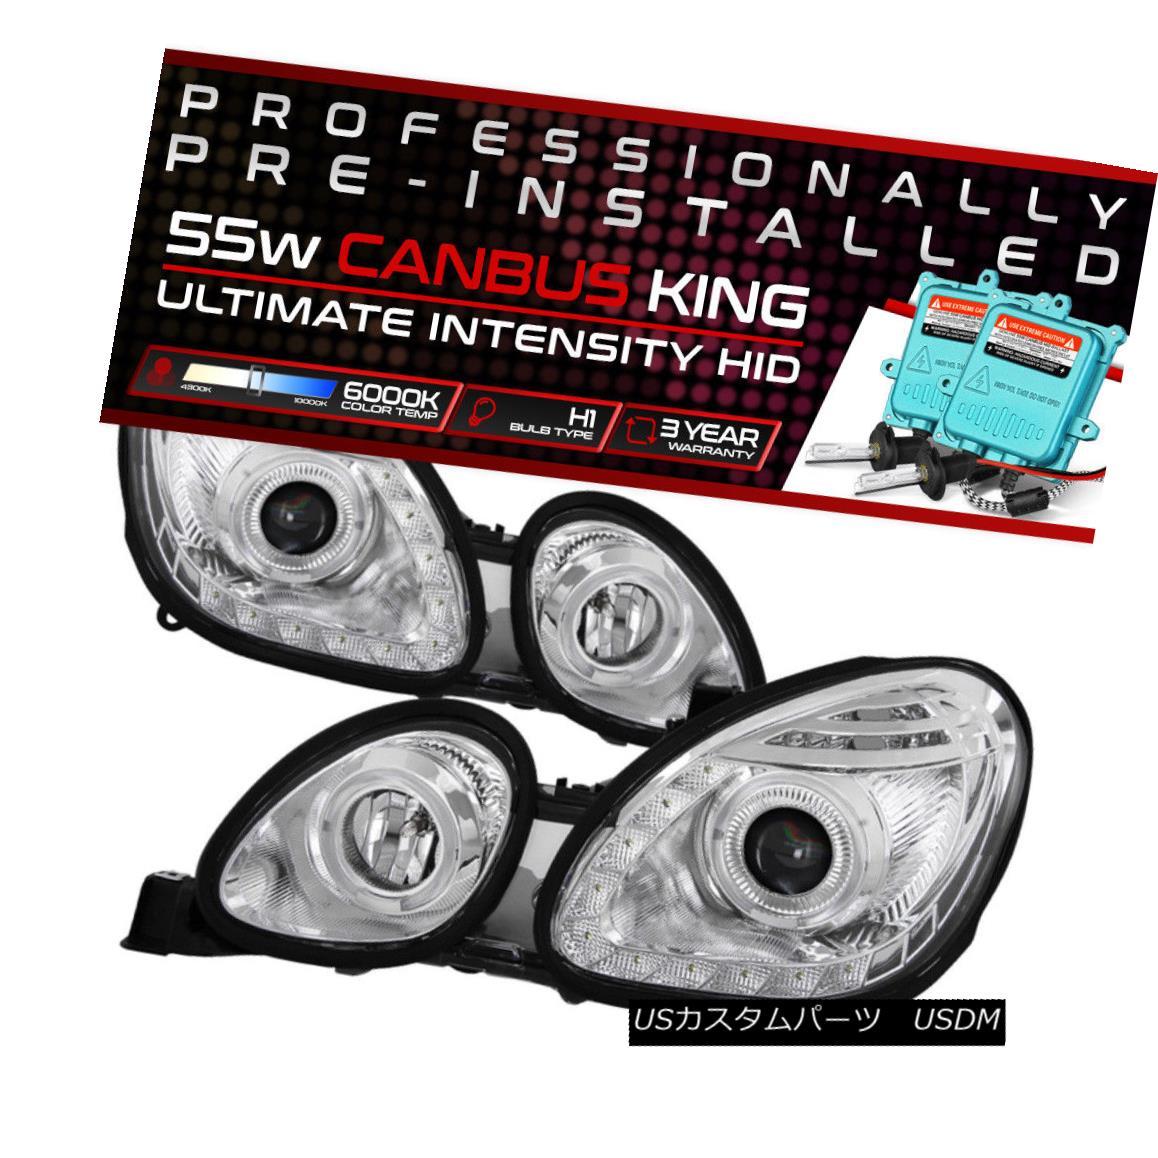 ヘッドライト !55W HID Built-In! 98-05 Lexus GS Chrome DRL Strip Dual Halo Projector Headlight !55W HID内蔵! 98-05レクサスGSクロームDRLストリップデュアルヘイロープロジェクターヘッドライト